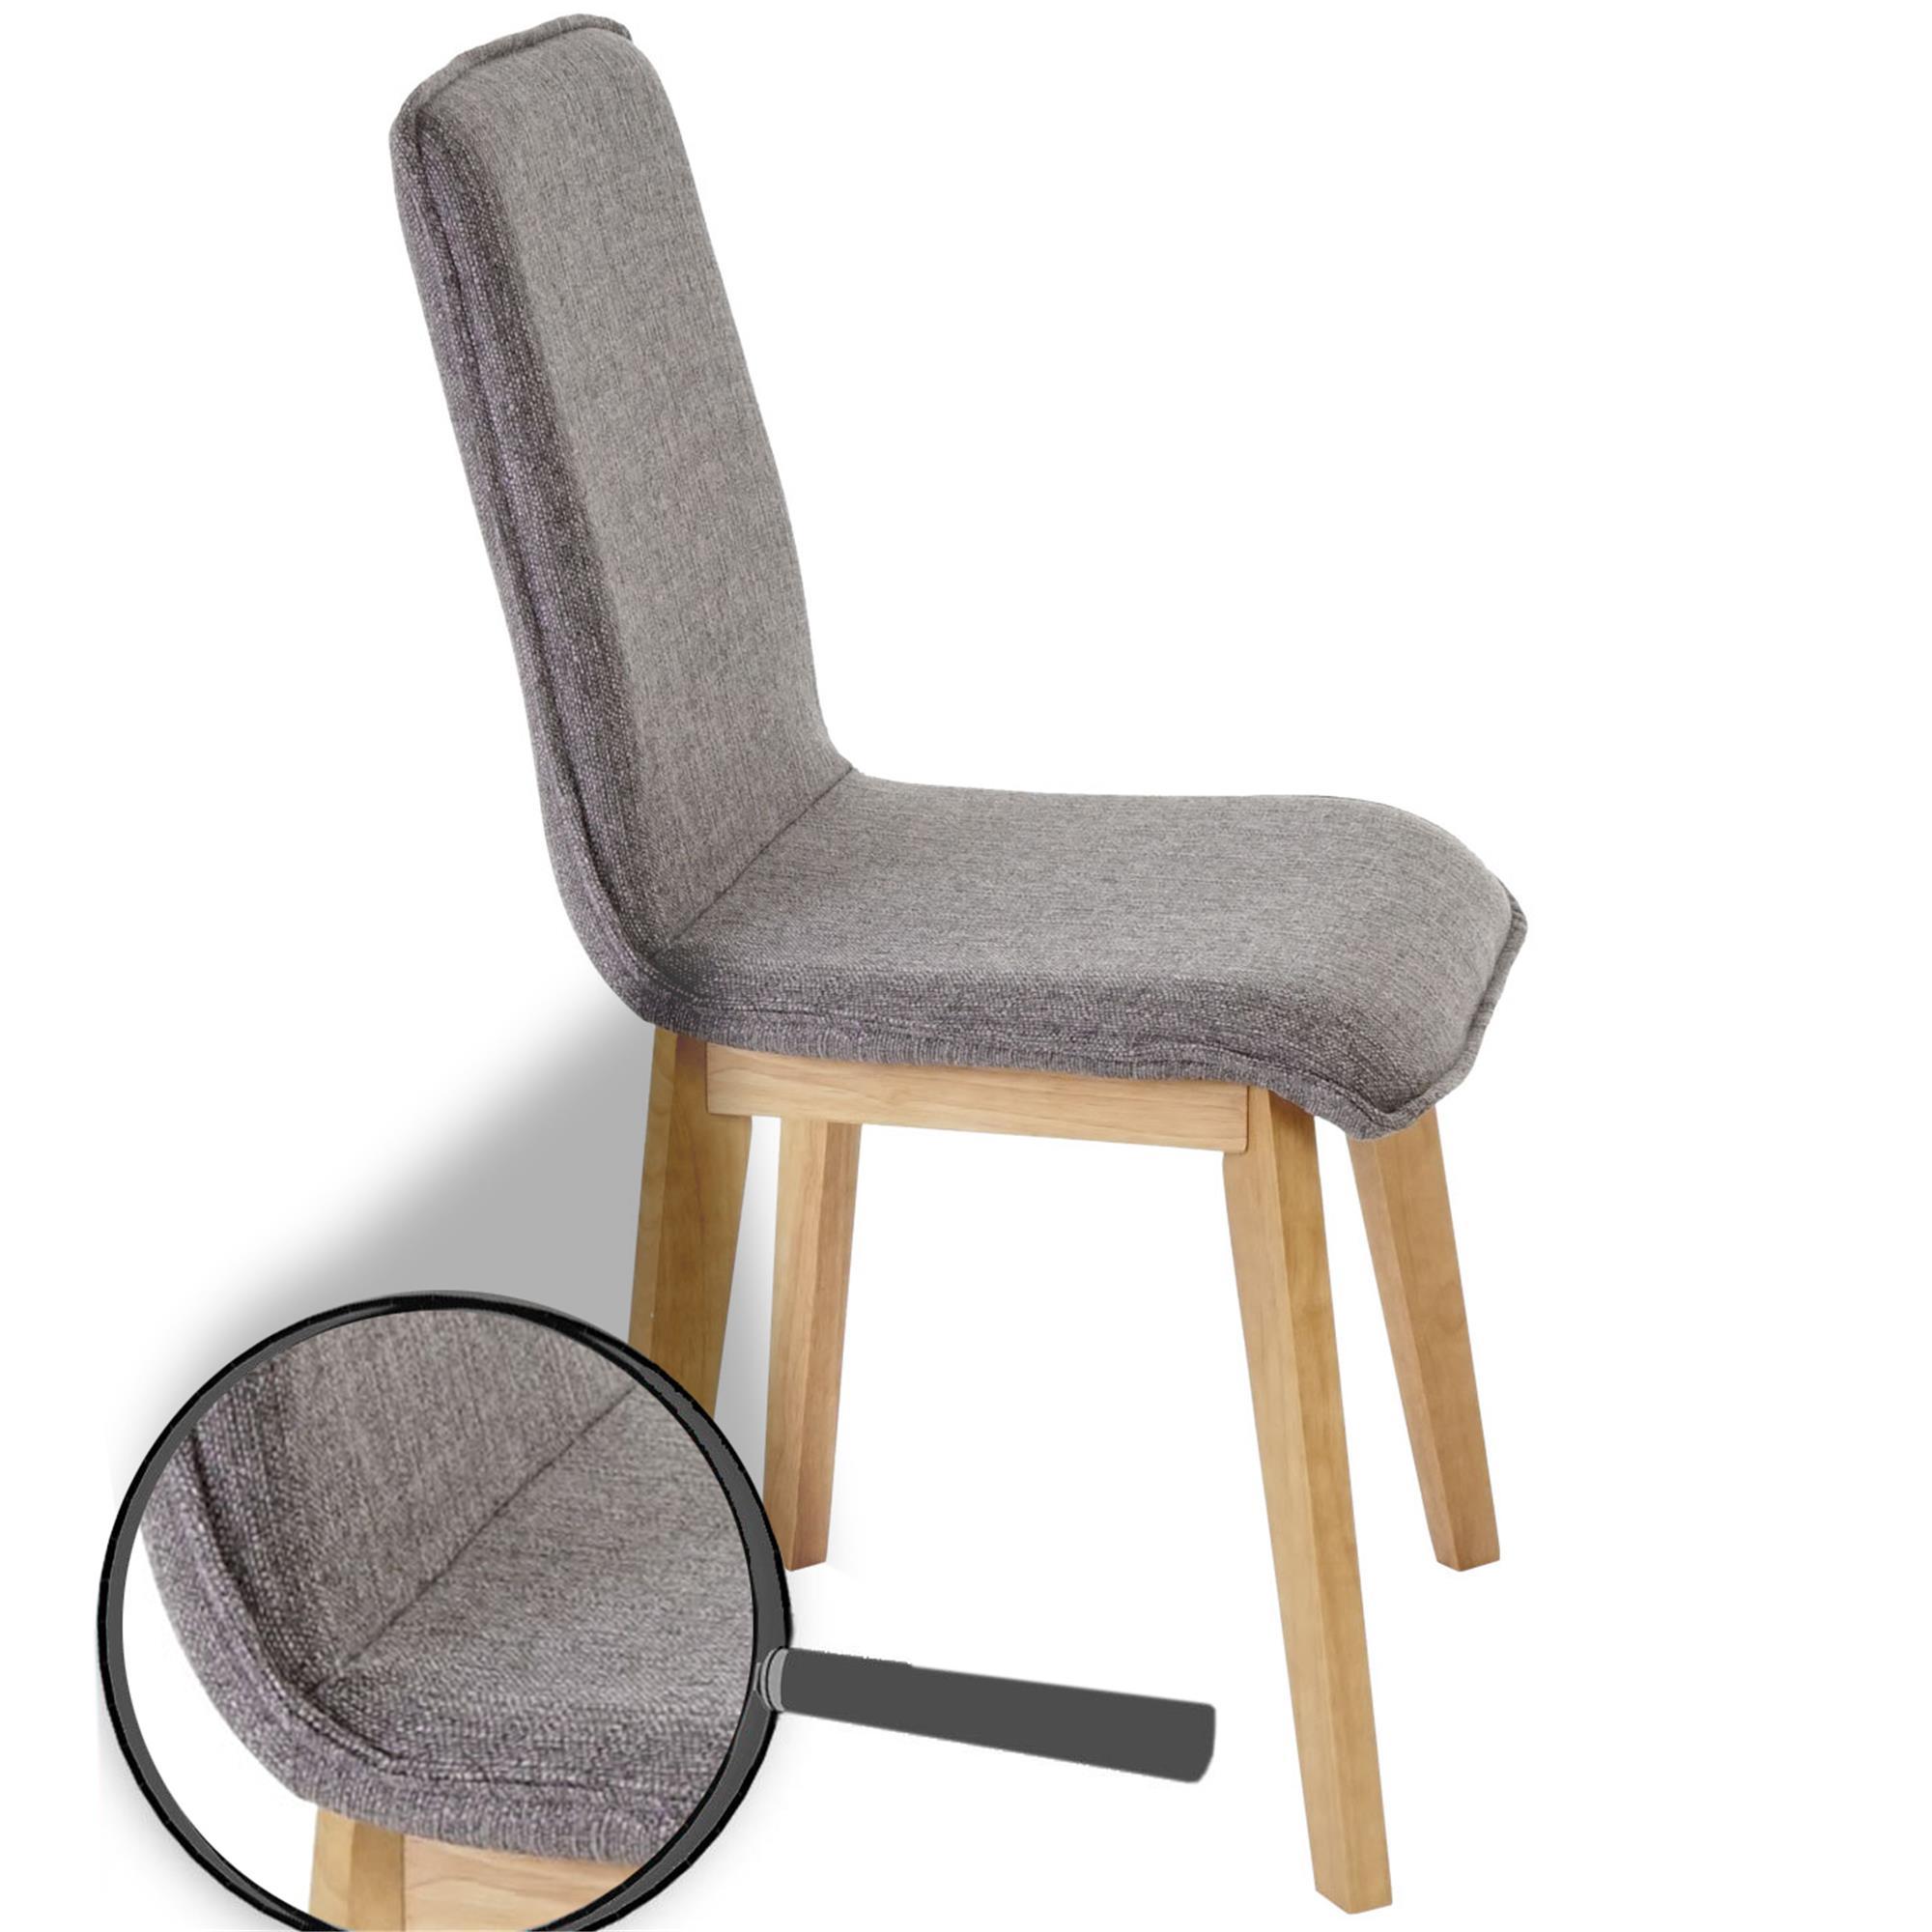 Lote 6 sillas de cocina o comedor ford en tela gris for Sillas cocina comedor